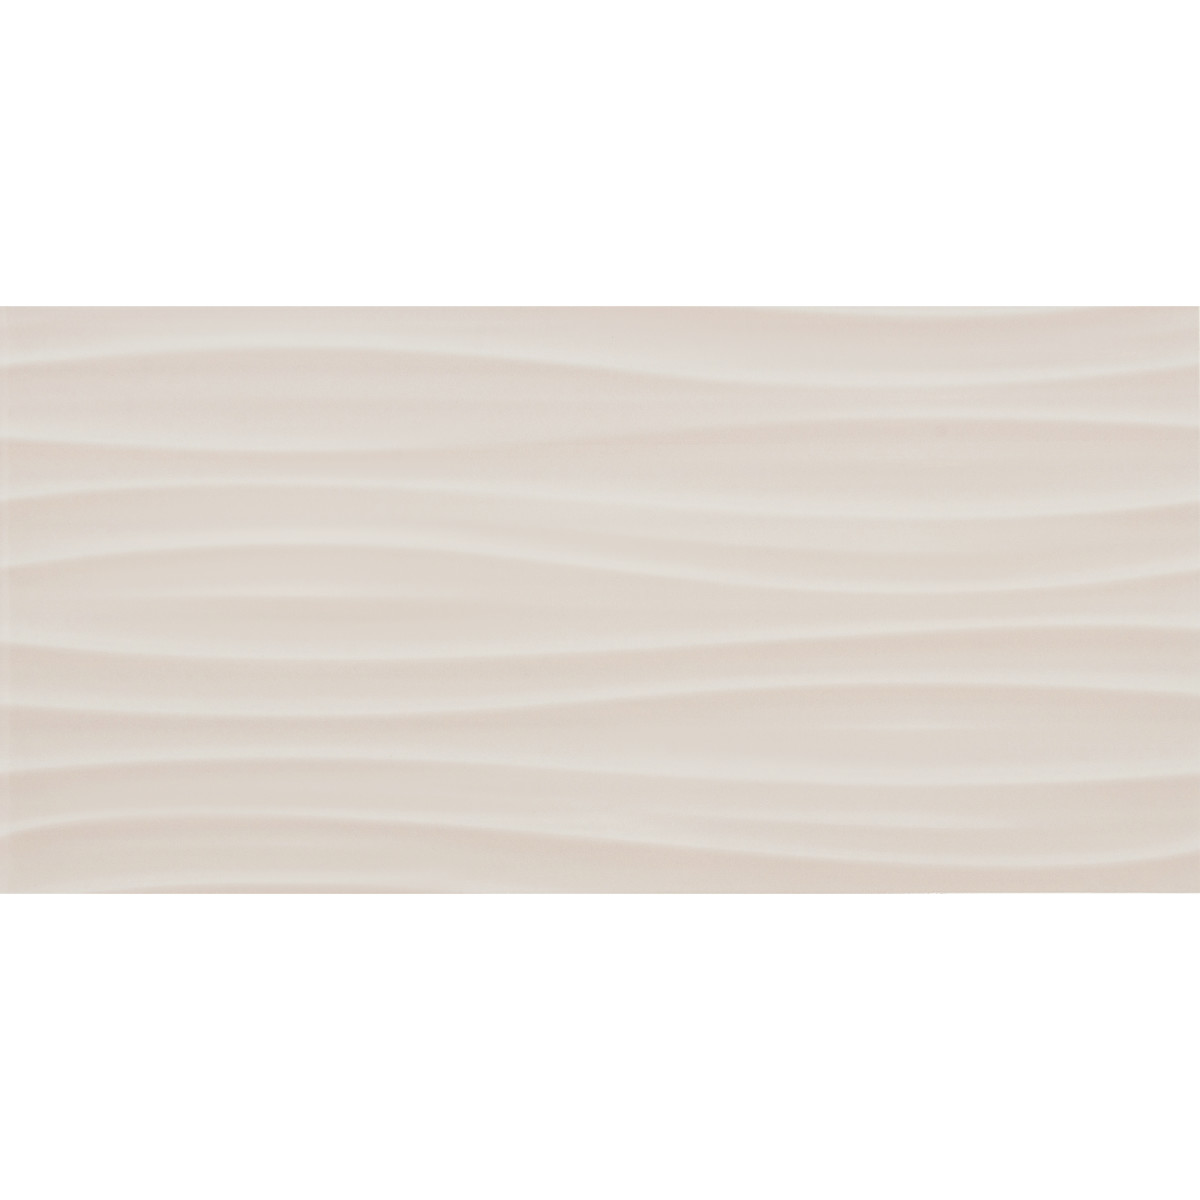 Плитка настенная Камелия Шаде 25x50 см 1 м2 цвет бежевый